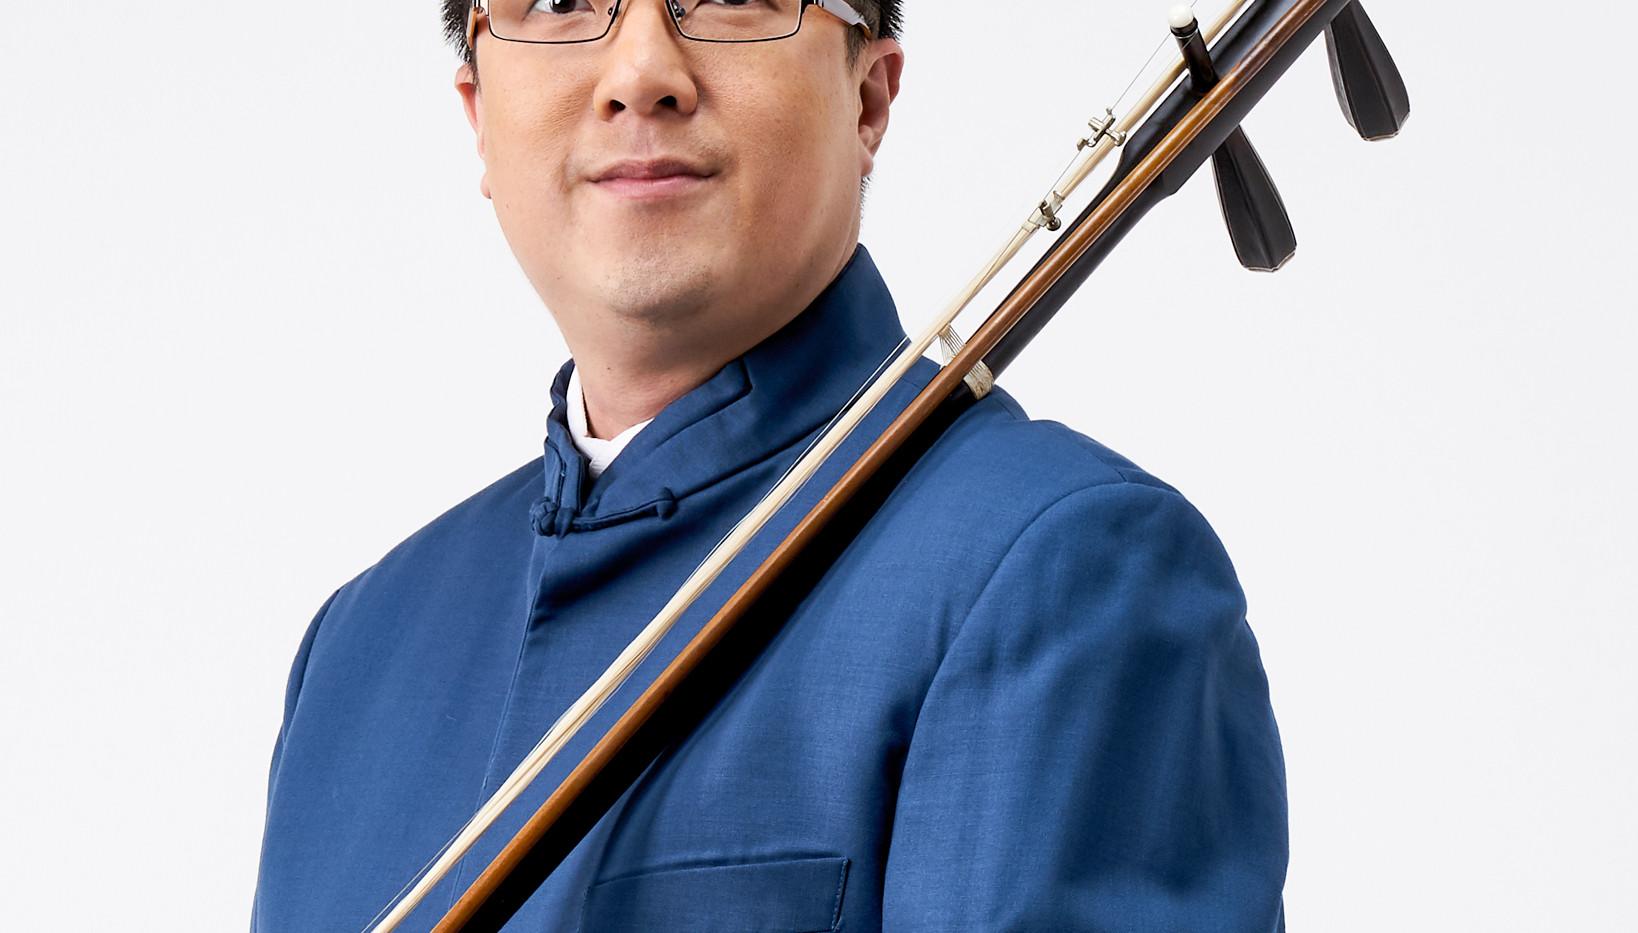 Musician05-2048.jpg